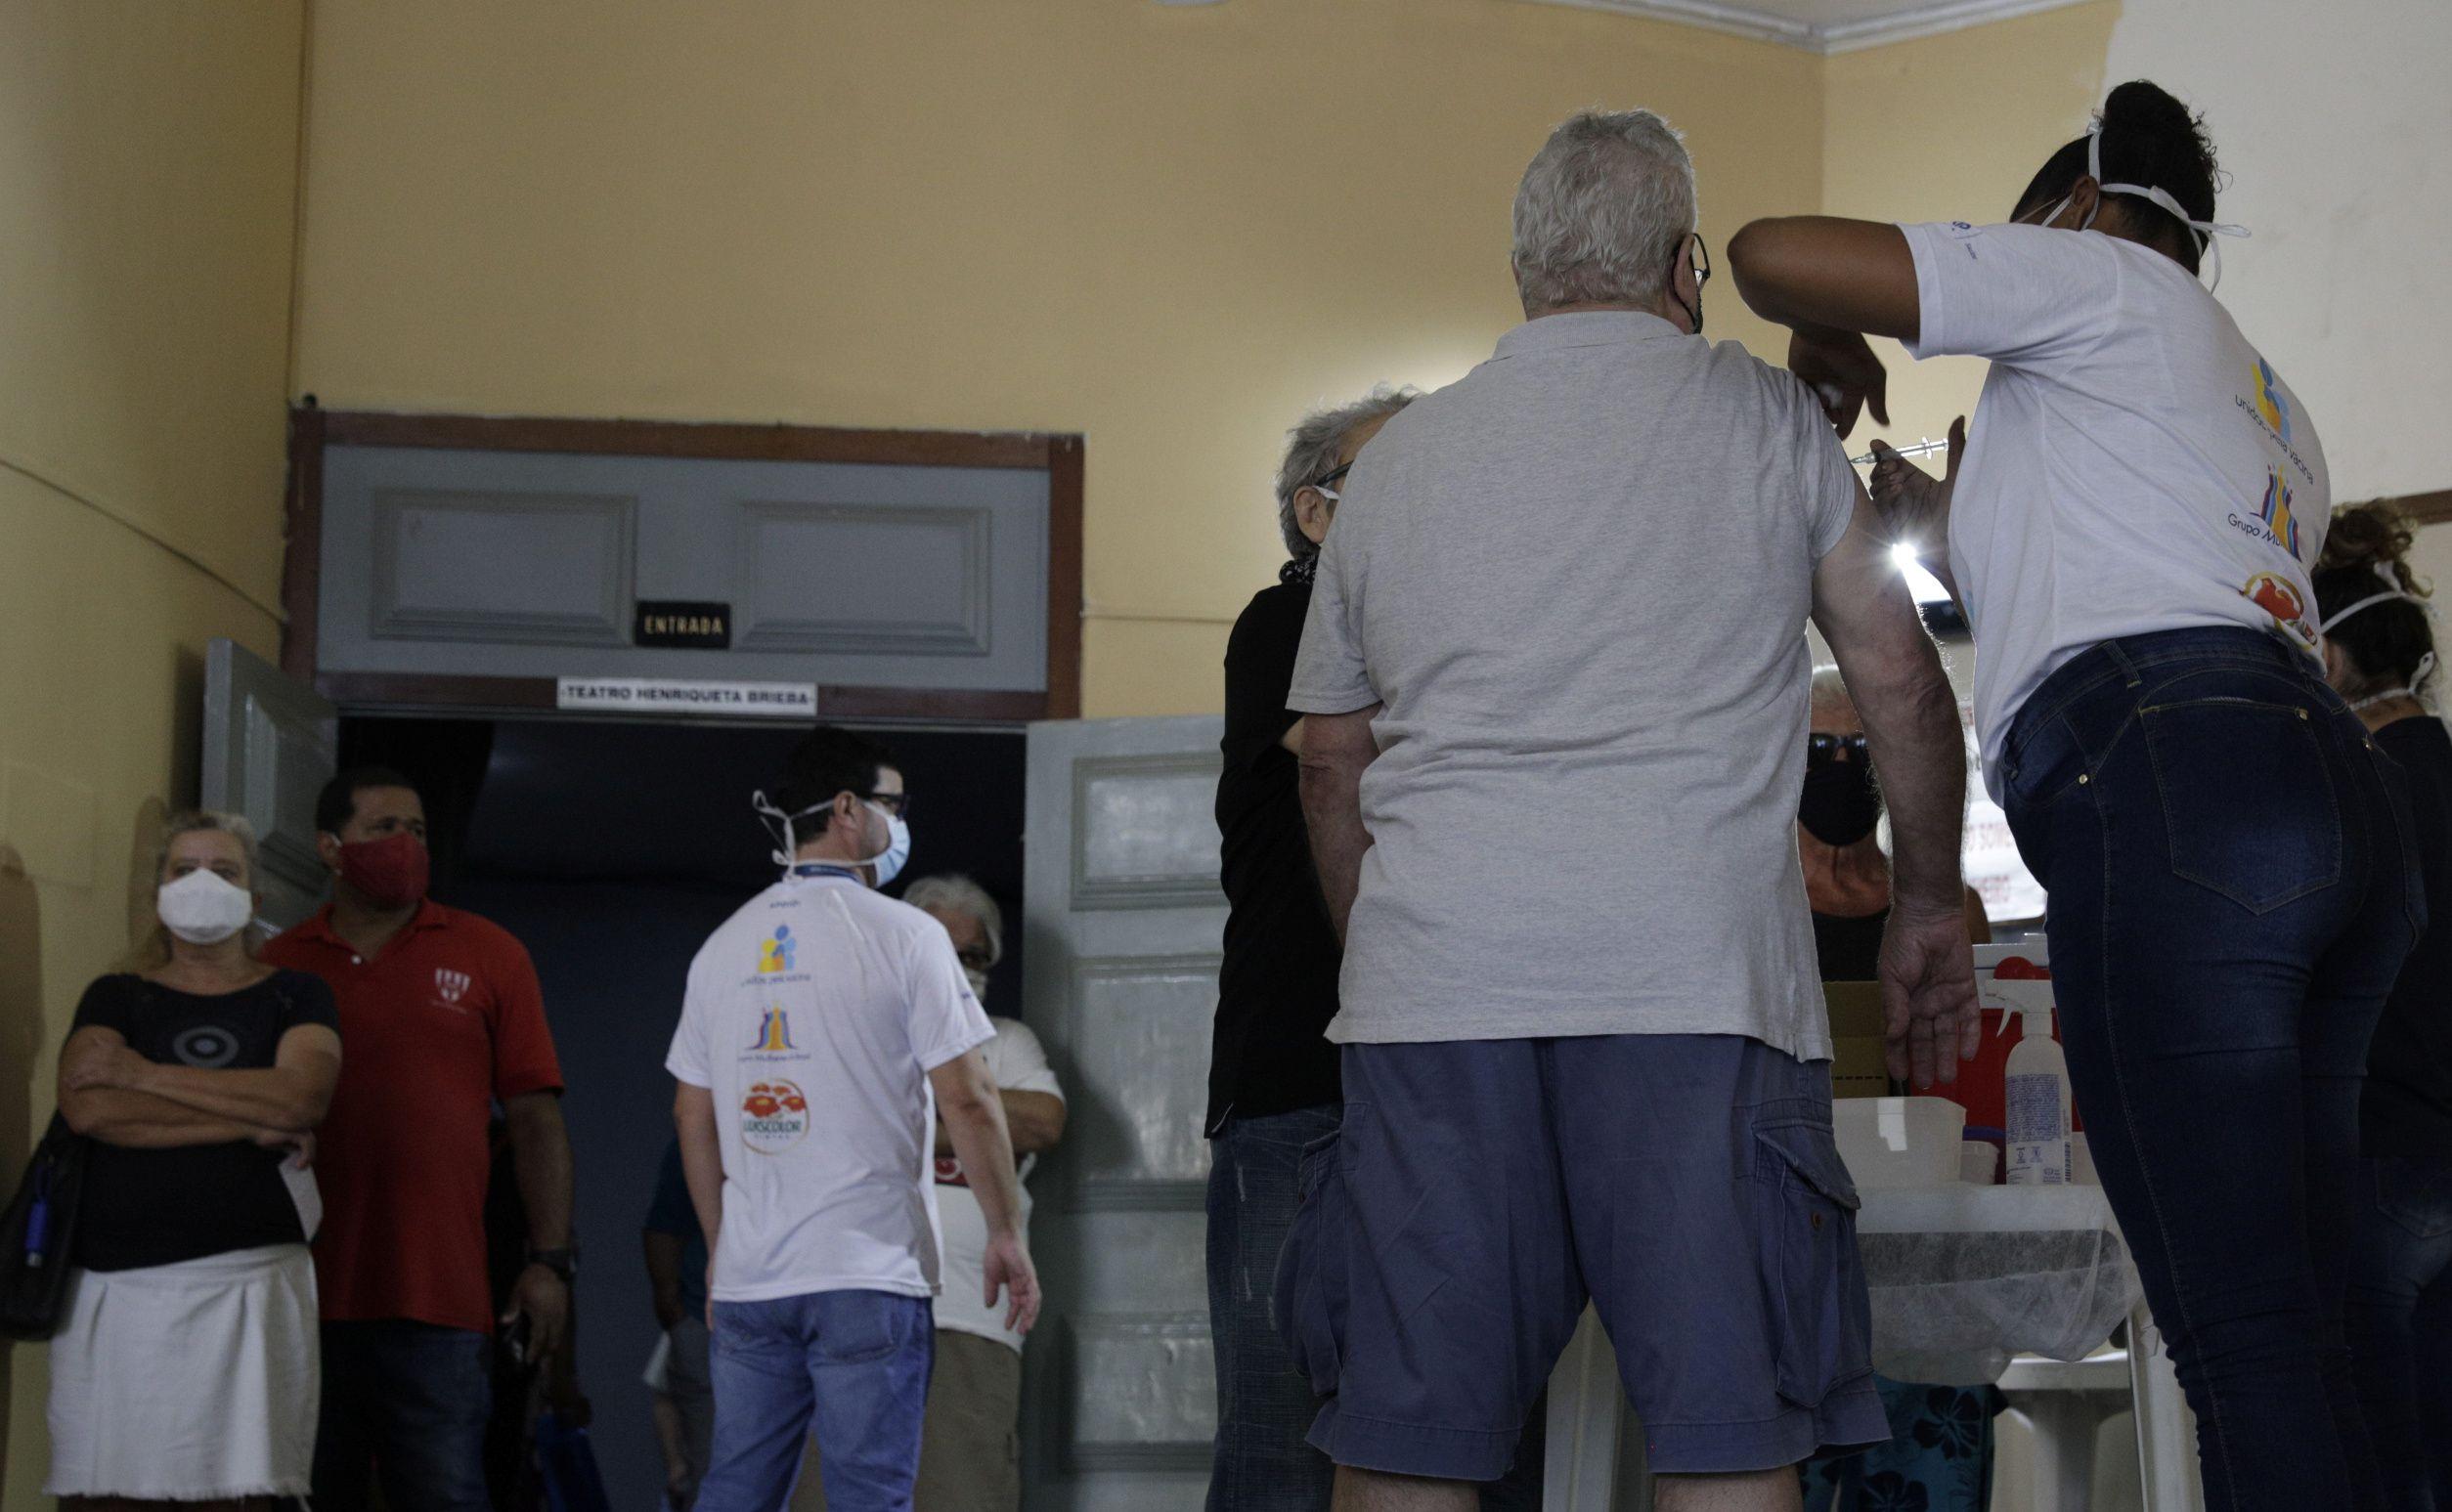 La variante brasileña P1 está detrás de la mortífera oleada de COVID-19 en el país y ha suscitado alarma a nivel mundial (REUTERS)